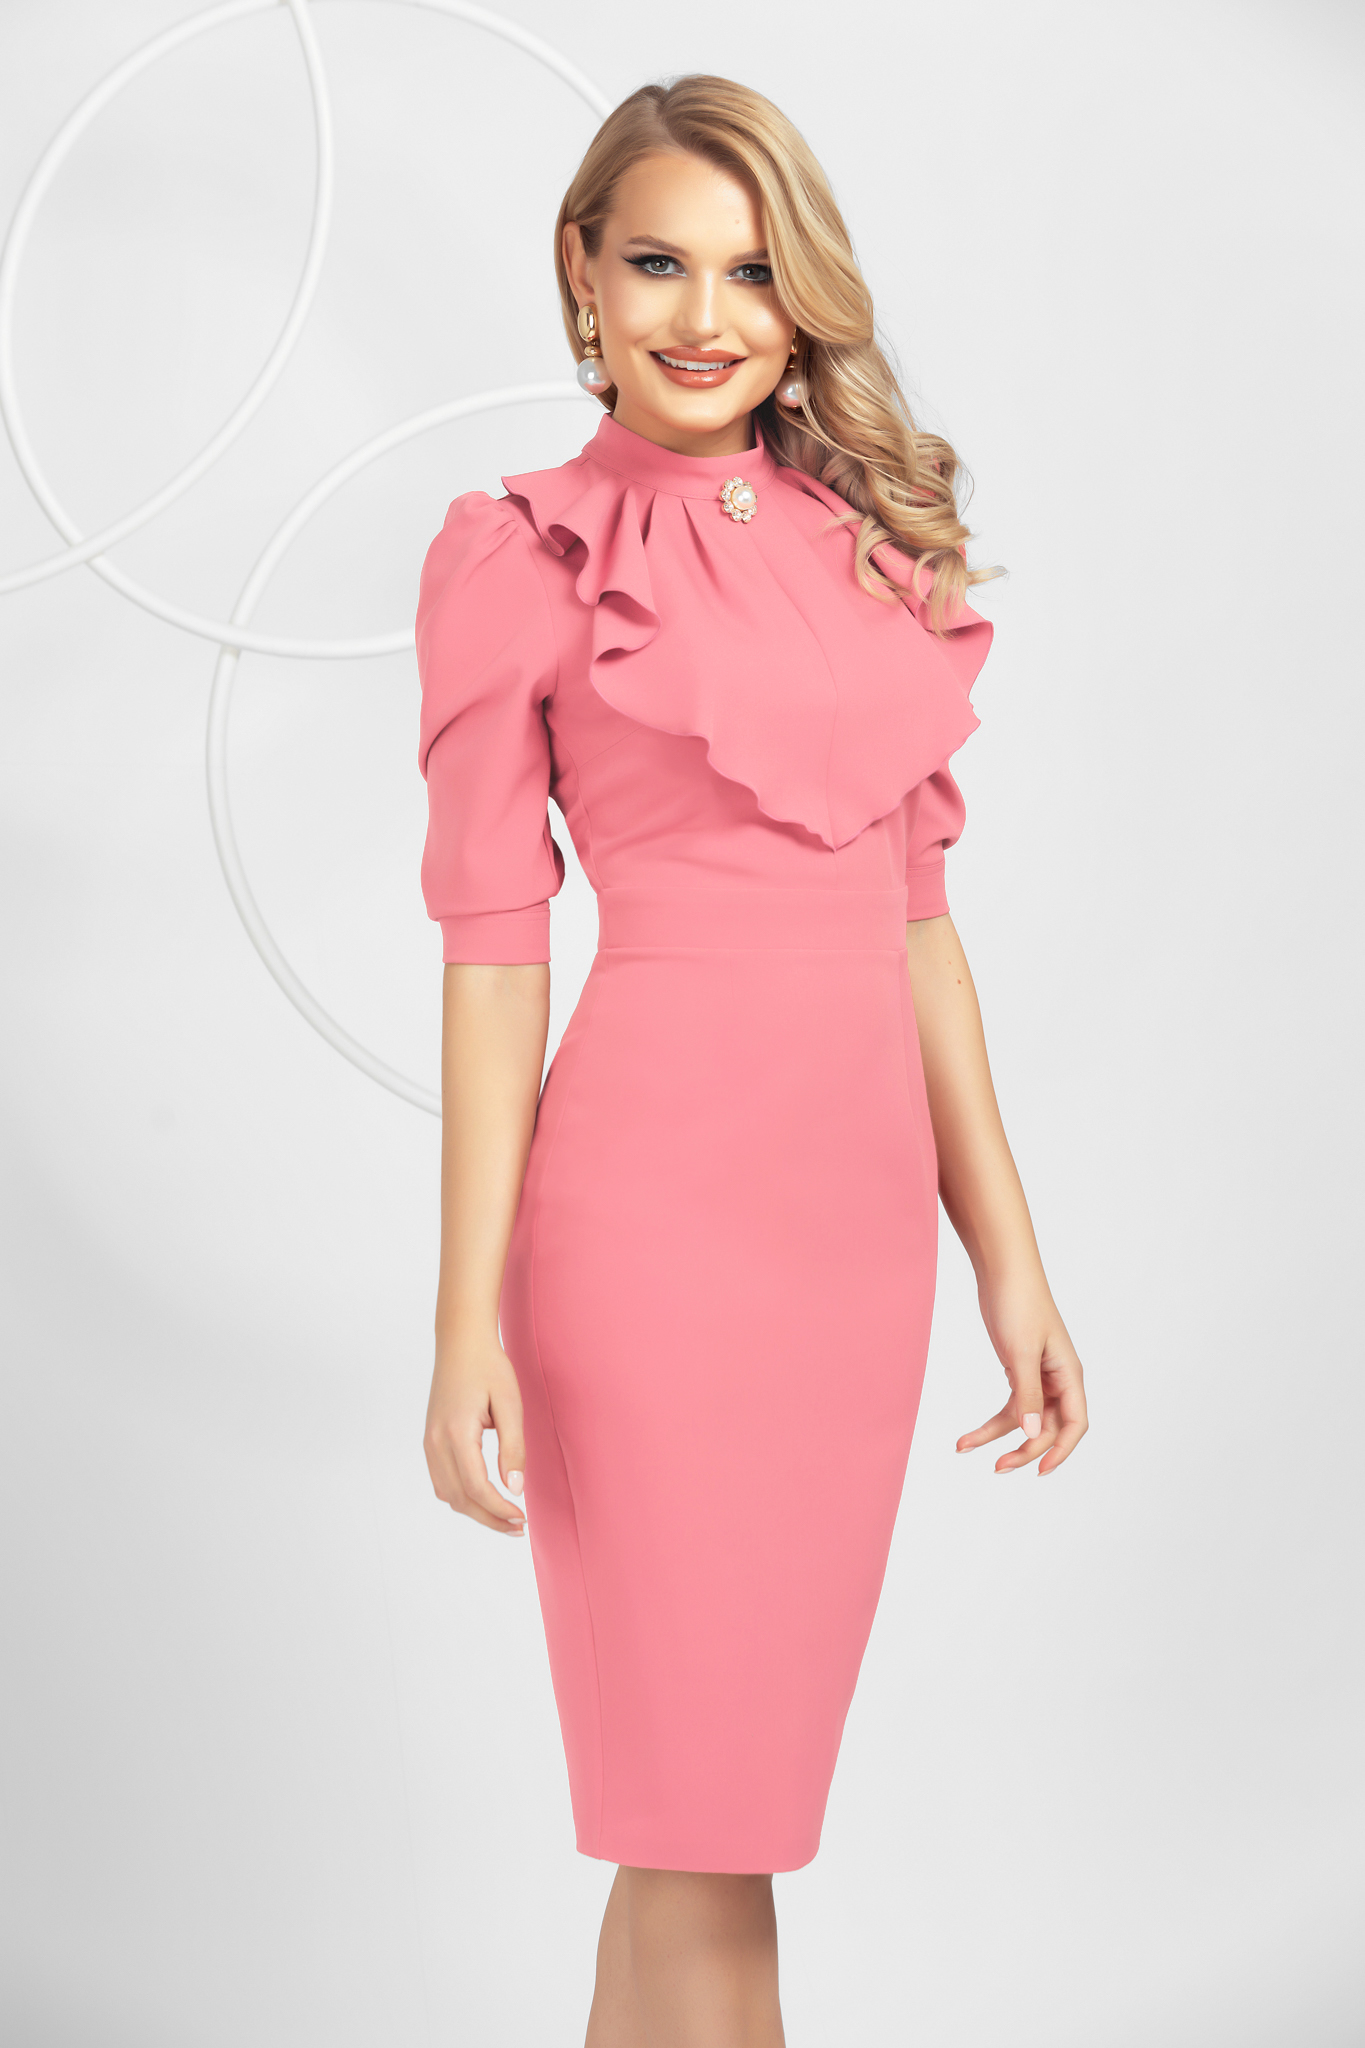 Világos rózsaszínű fodros ceruza ruha enyhén rugalmas anyagból bross kiegészítővel